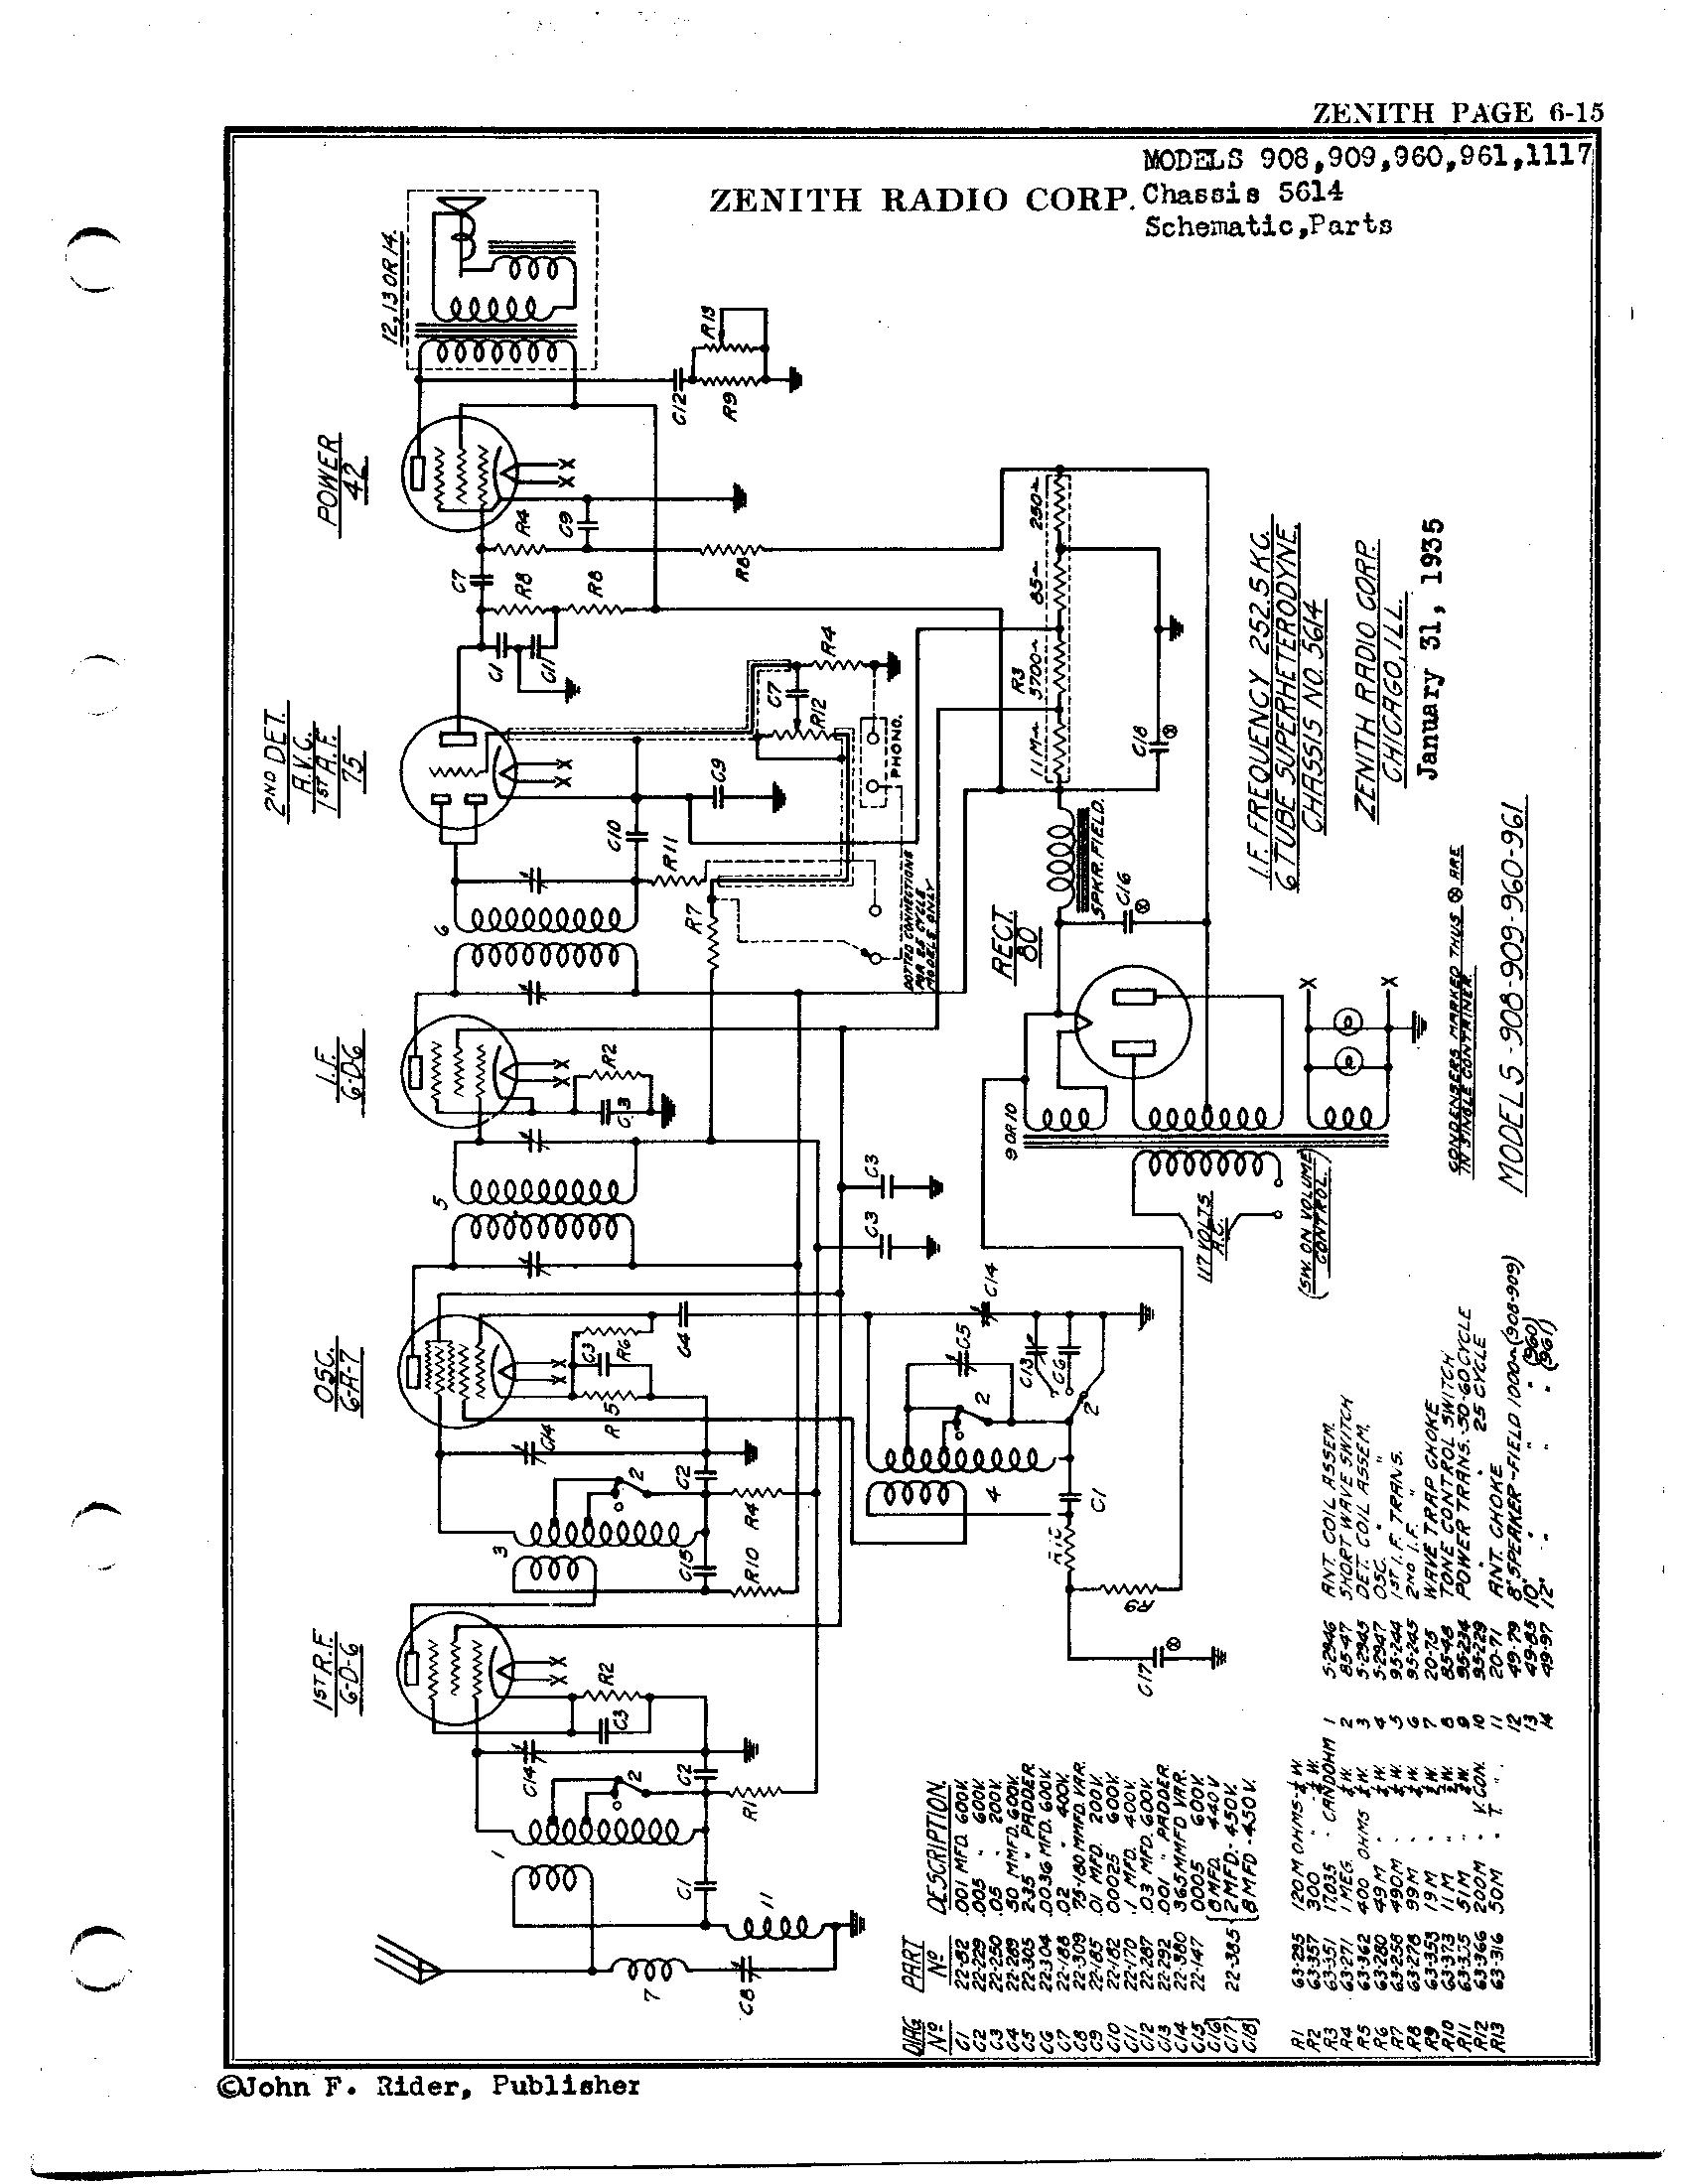 Zenith Radio Corp 909